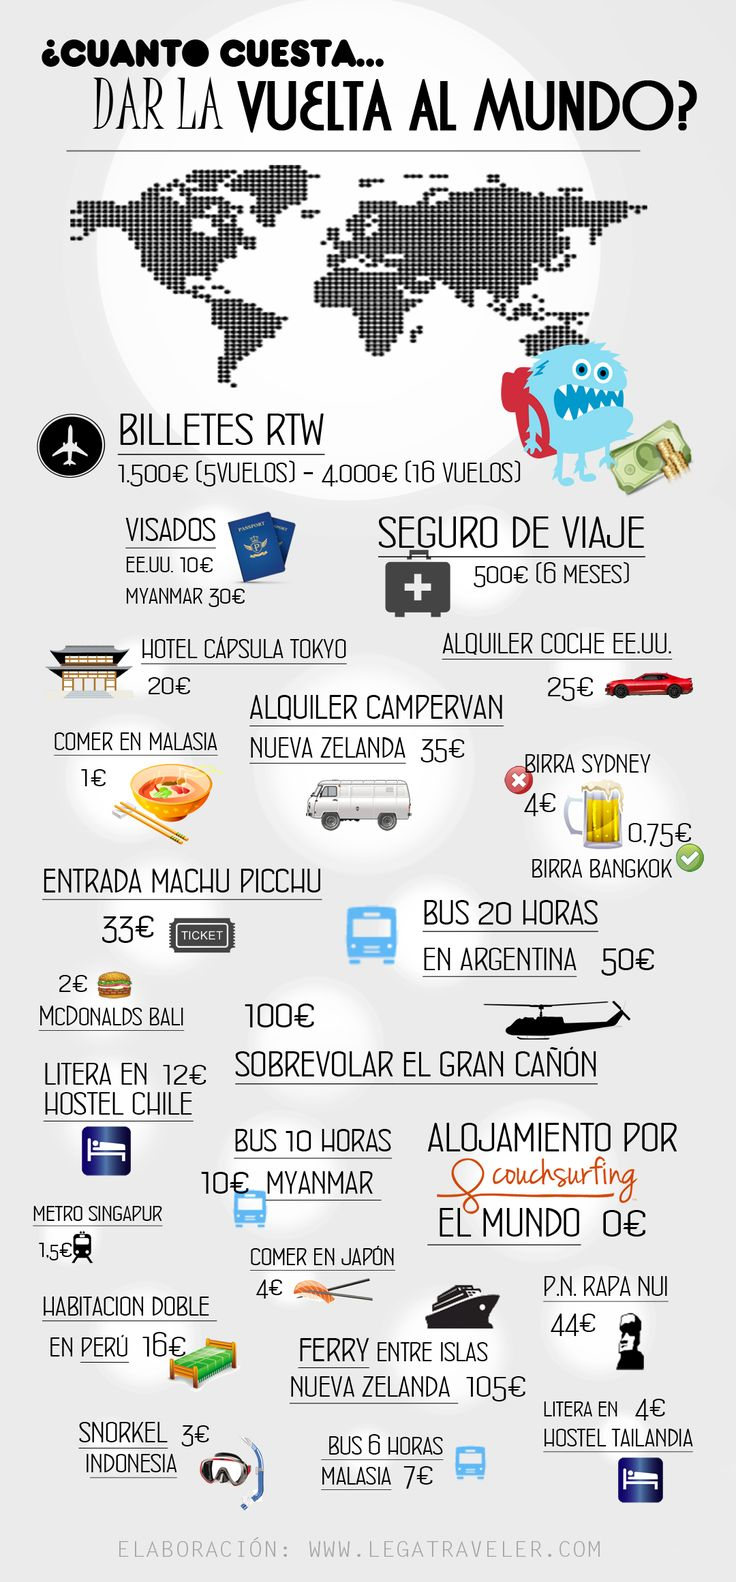 Infografía Cuanto cuesta dar la vuelta al mundo - LegaTraveler